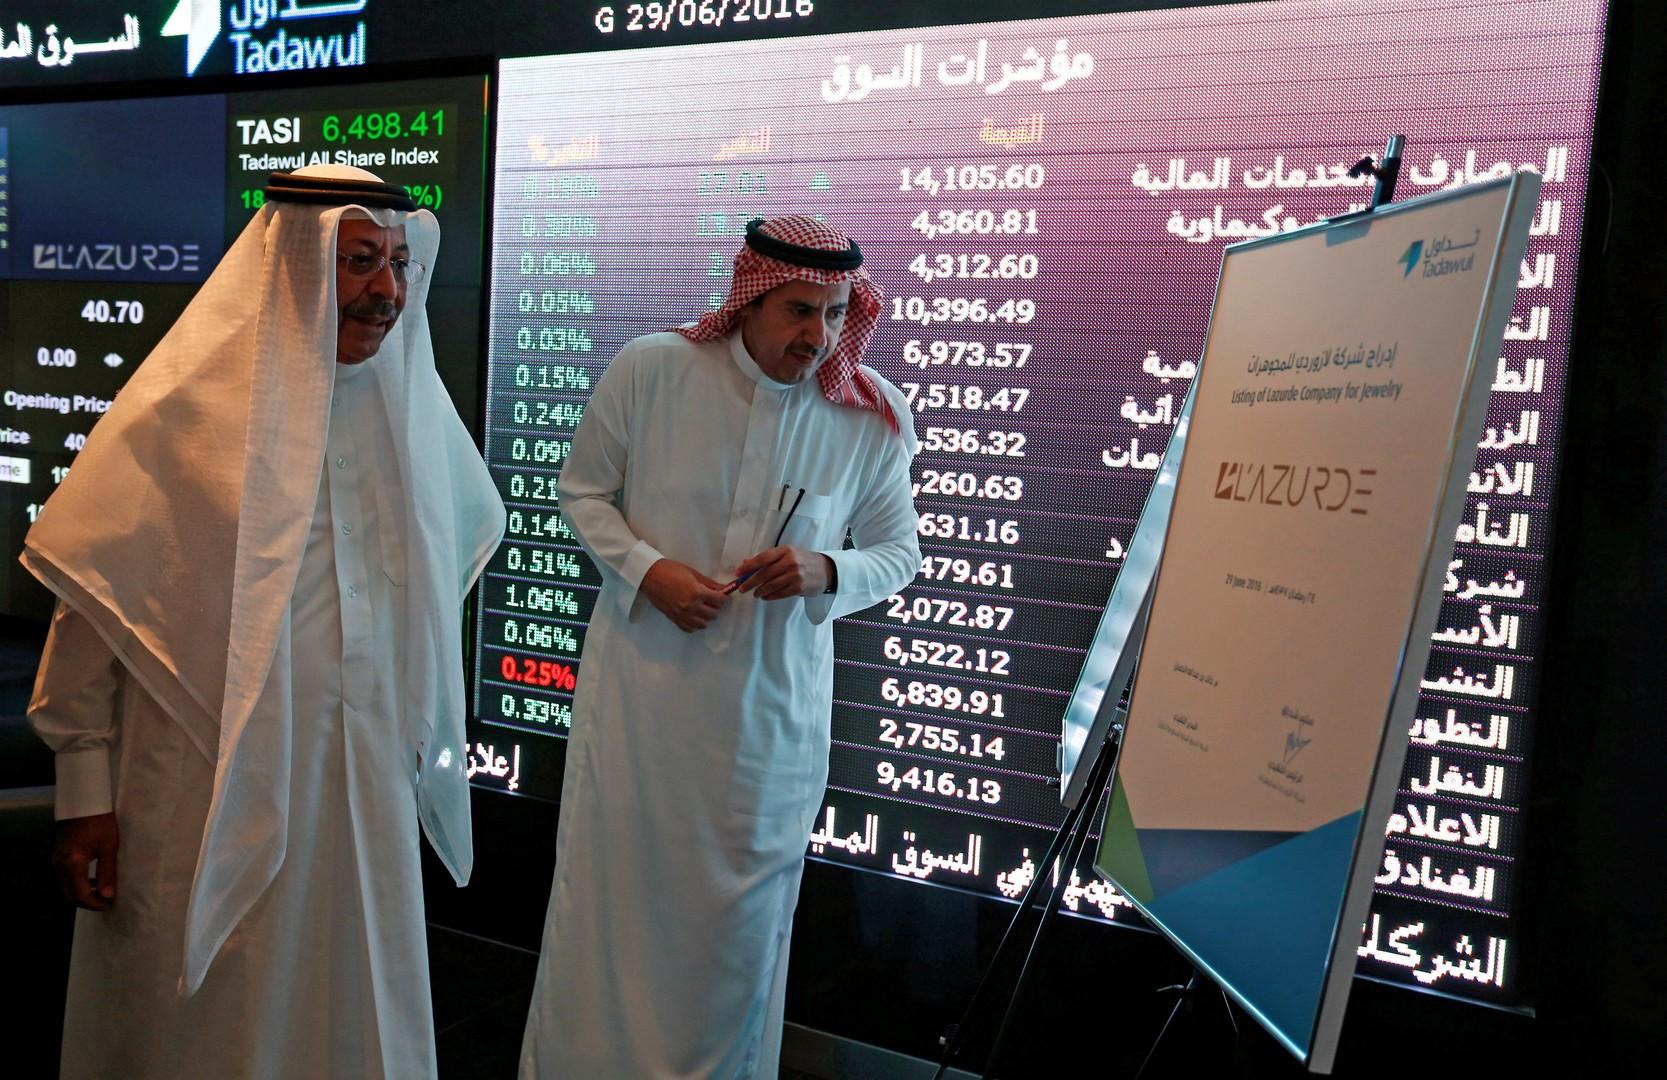 هبوط قياسيي للبورصة السعودية